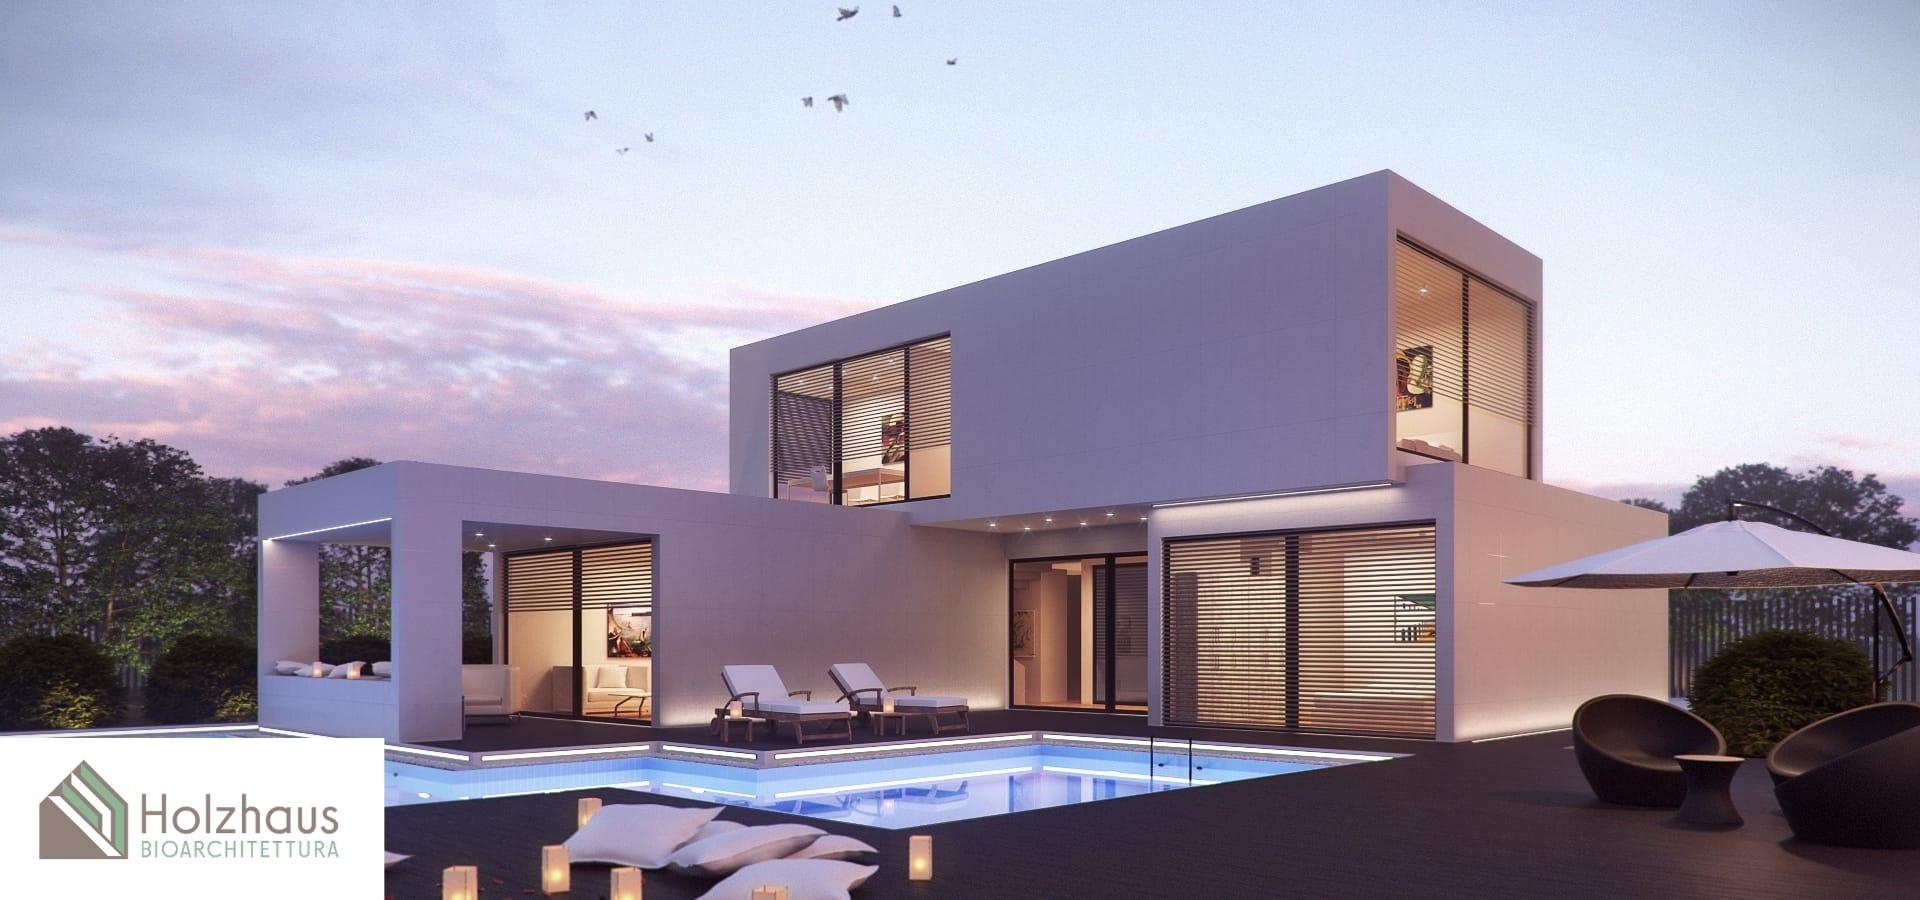 Esterno della soluzione moderna in legno a due piani con piscina esterna di Holzhaus Bioarchitettura